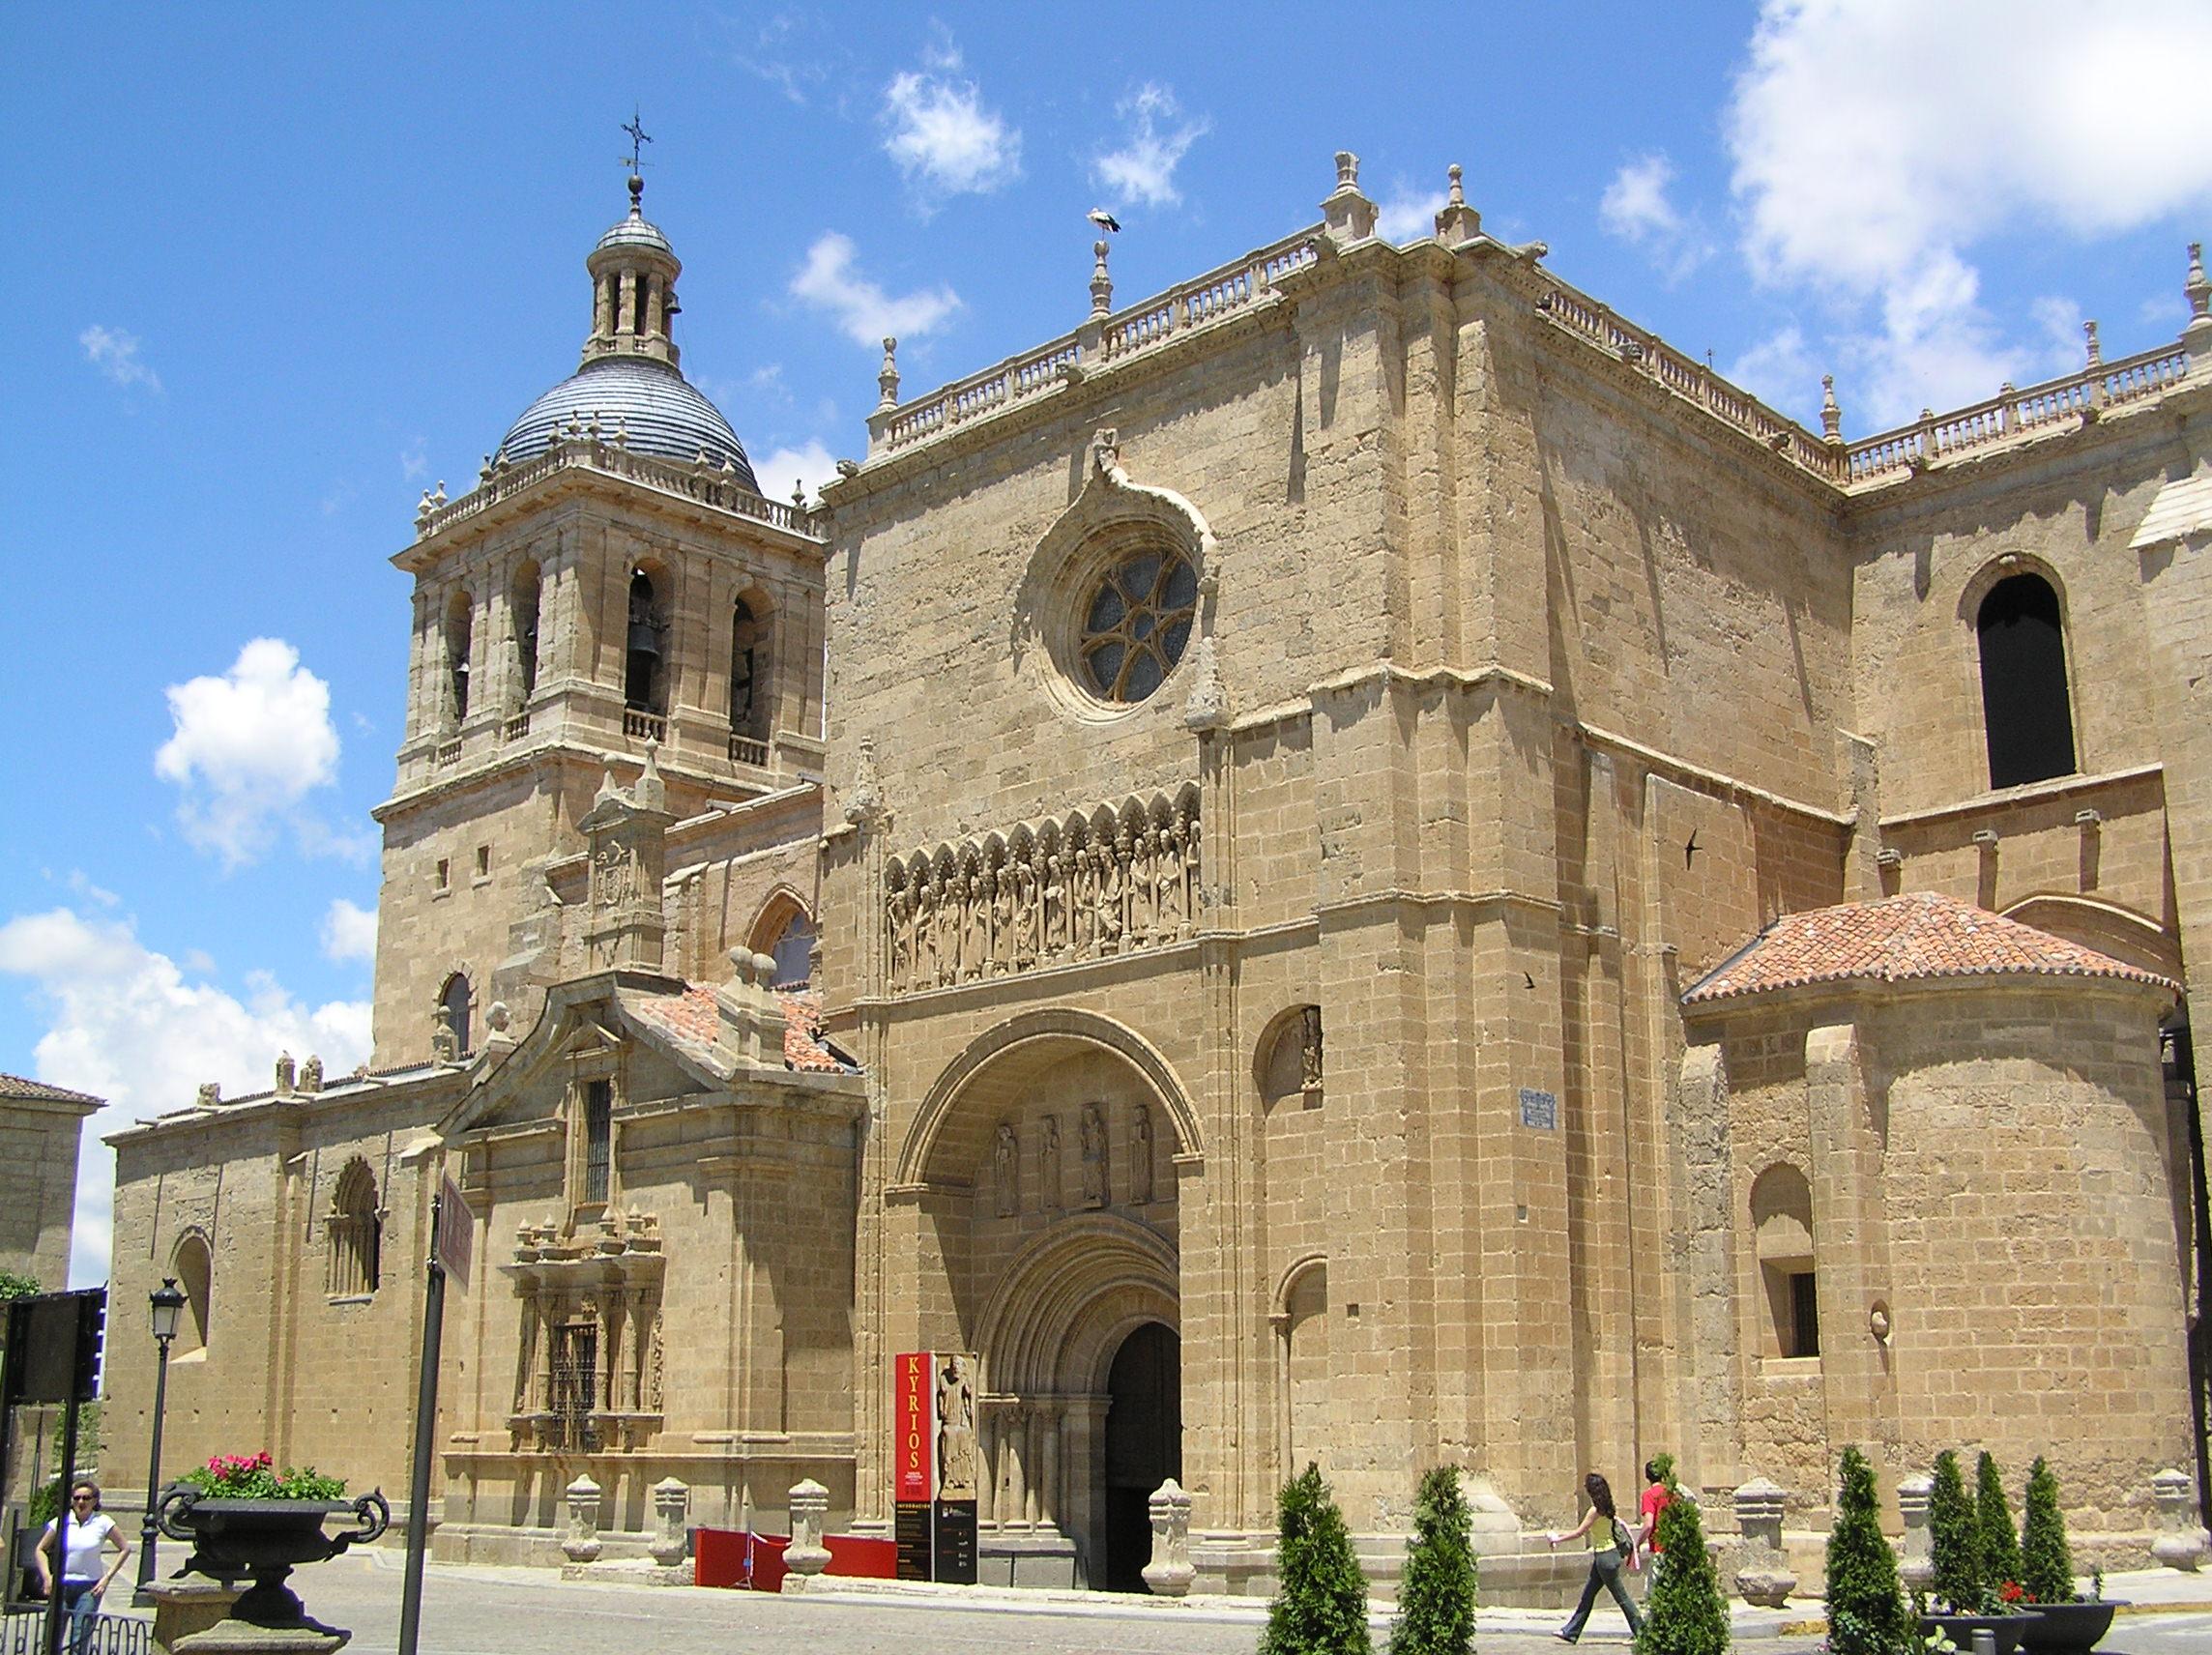 http://upload.wikimedia.org/wikipedia/commons/d/dc/Catedral_de_Ciudad_Rodrigo._Vista_general_con_Portada_de_las_Cadenas_en_primer_plano.jpg